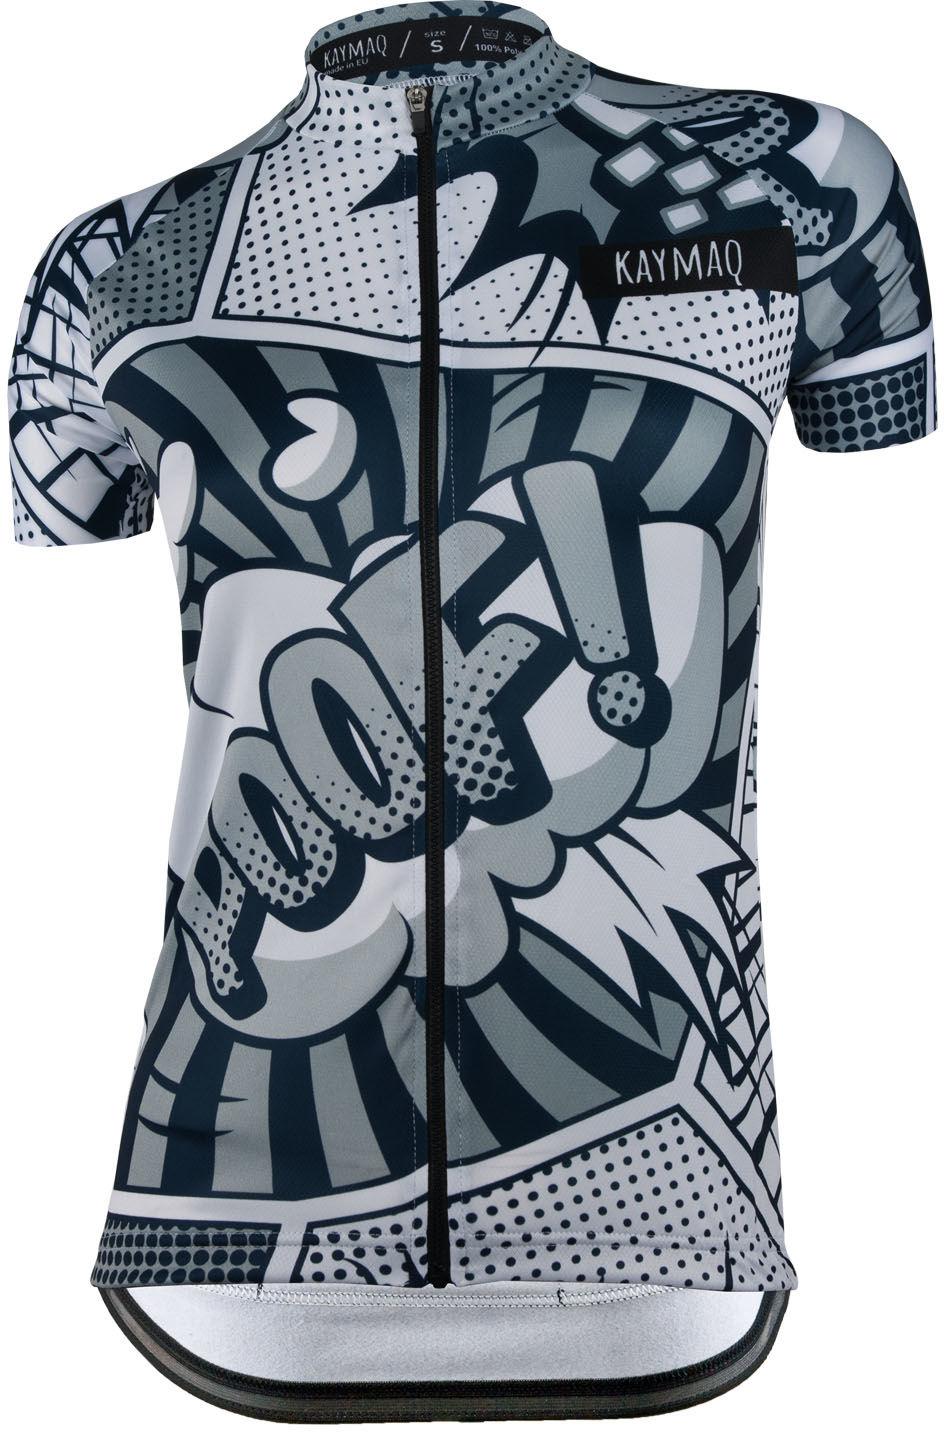 KAYMAQ DESIGN W24 damska koszulka rowerowa krótki rękaw Rozmiar: M,KYMQ-W24-KOSZ